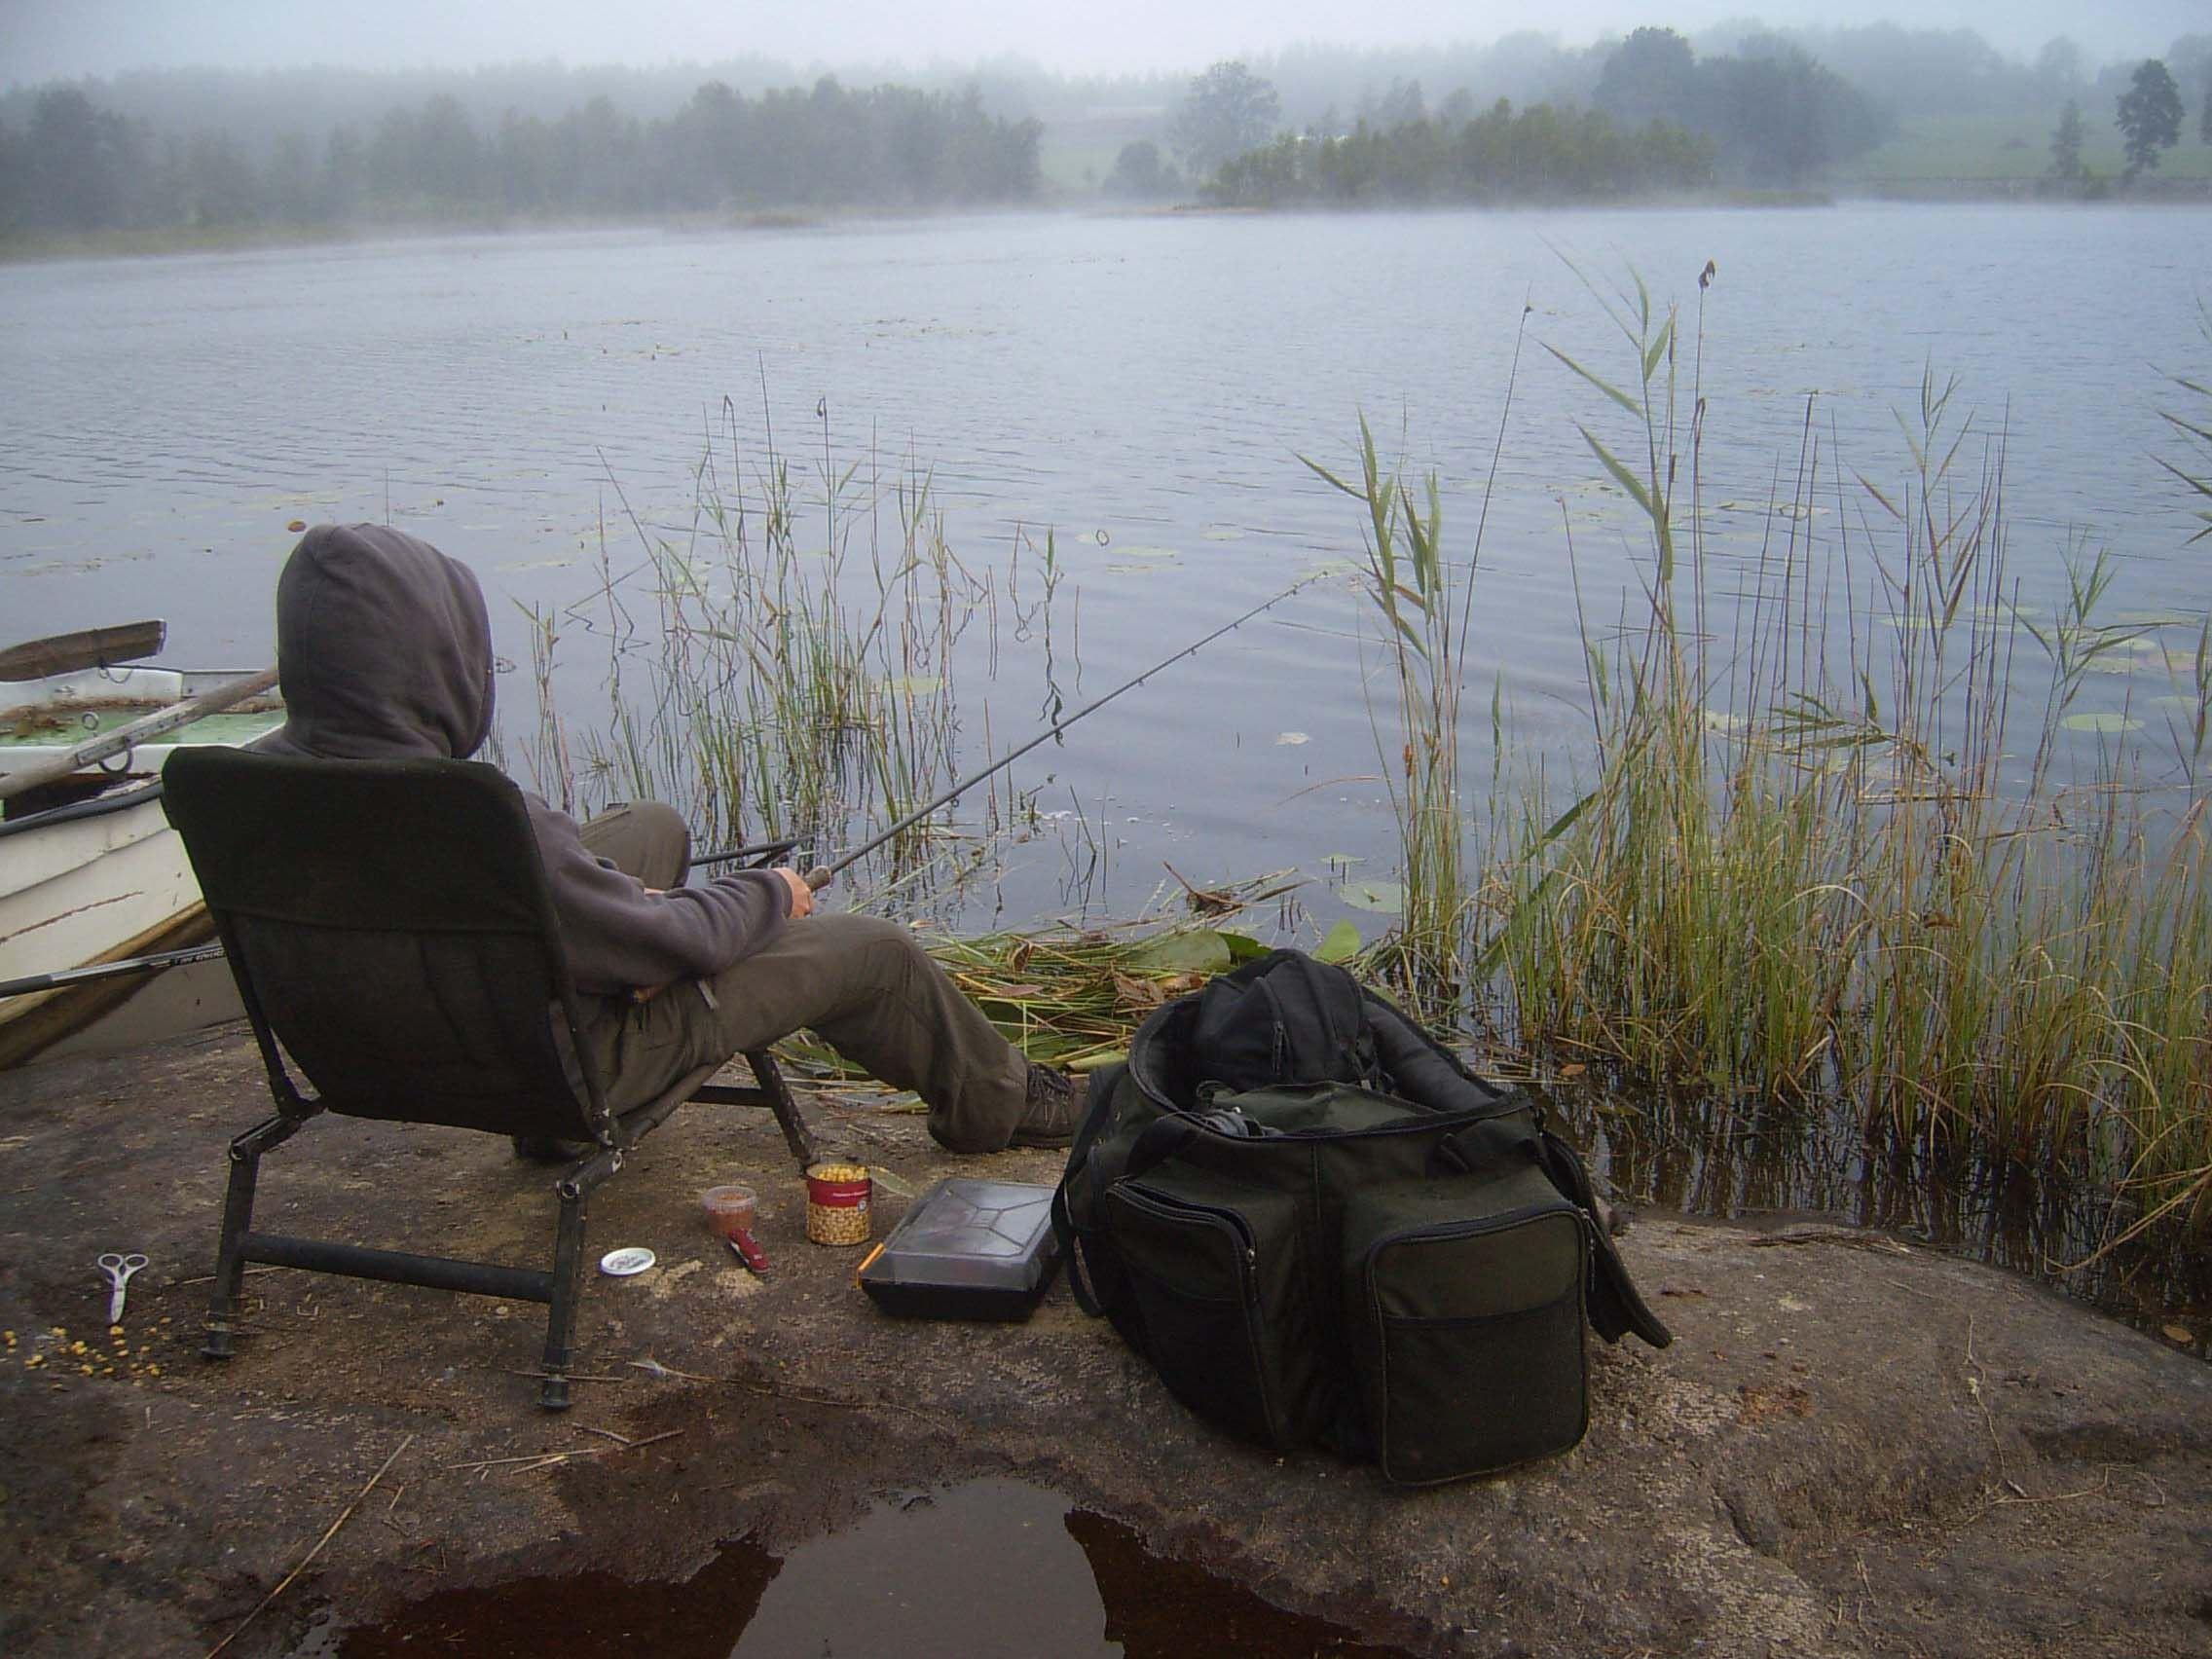 C-J Månsson, Lilla Åkebosjön, Stora Hammarsjöområdet